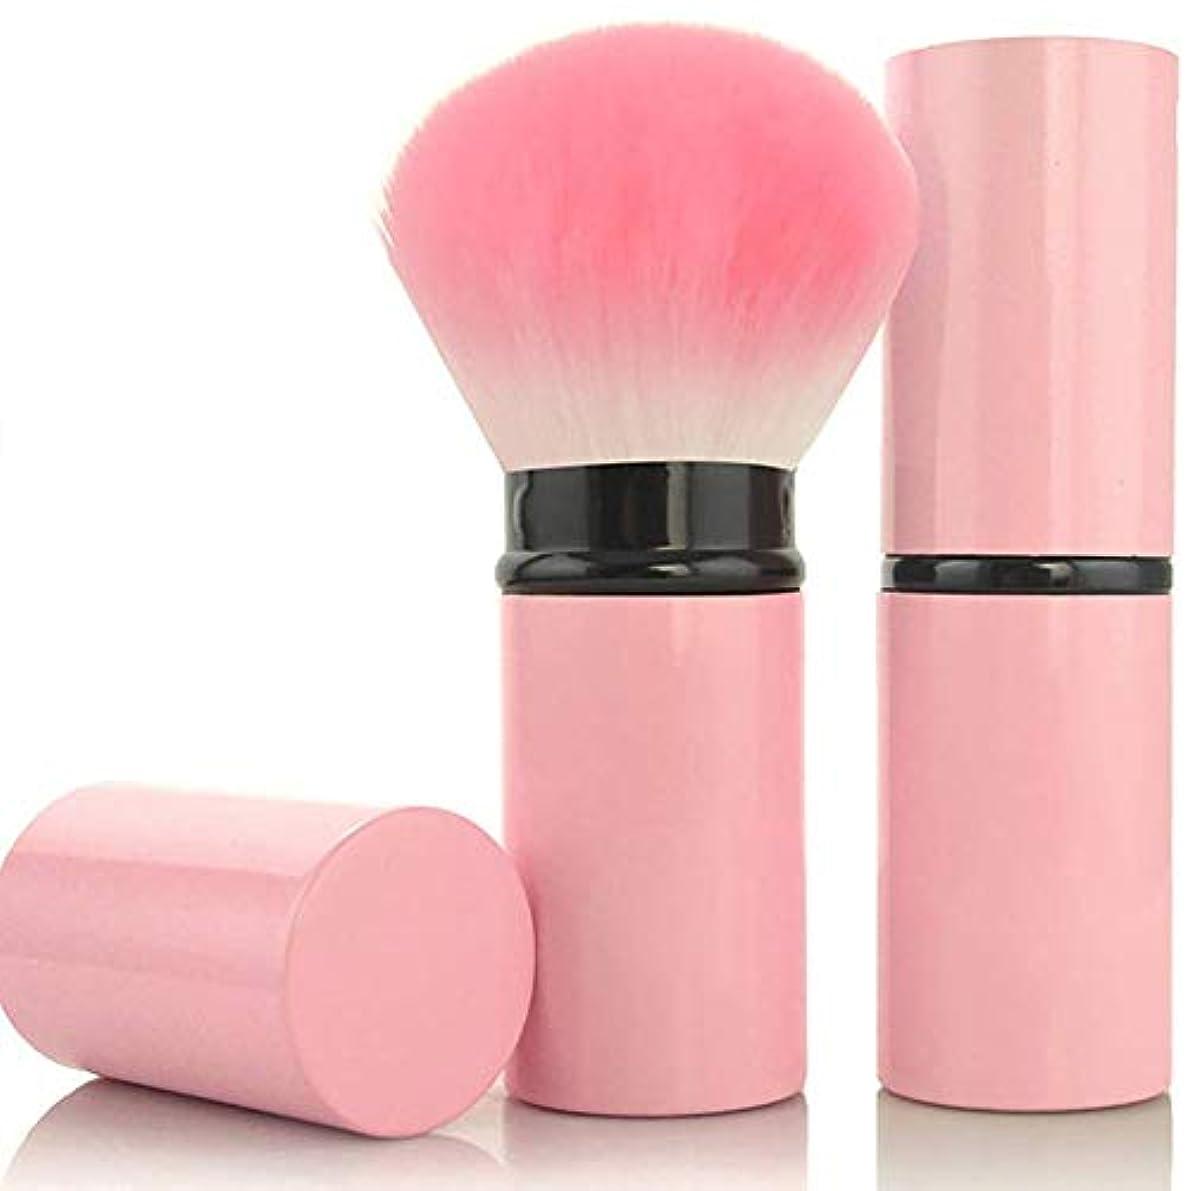 部屋を掃除するキャンバスプロフェッショナルアングルロングミネラルフェイスルースパウダーブラッシャー化粧品メイクアップブラシ (Color : Pink)